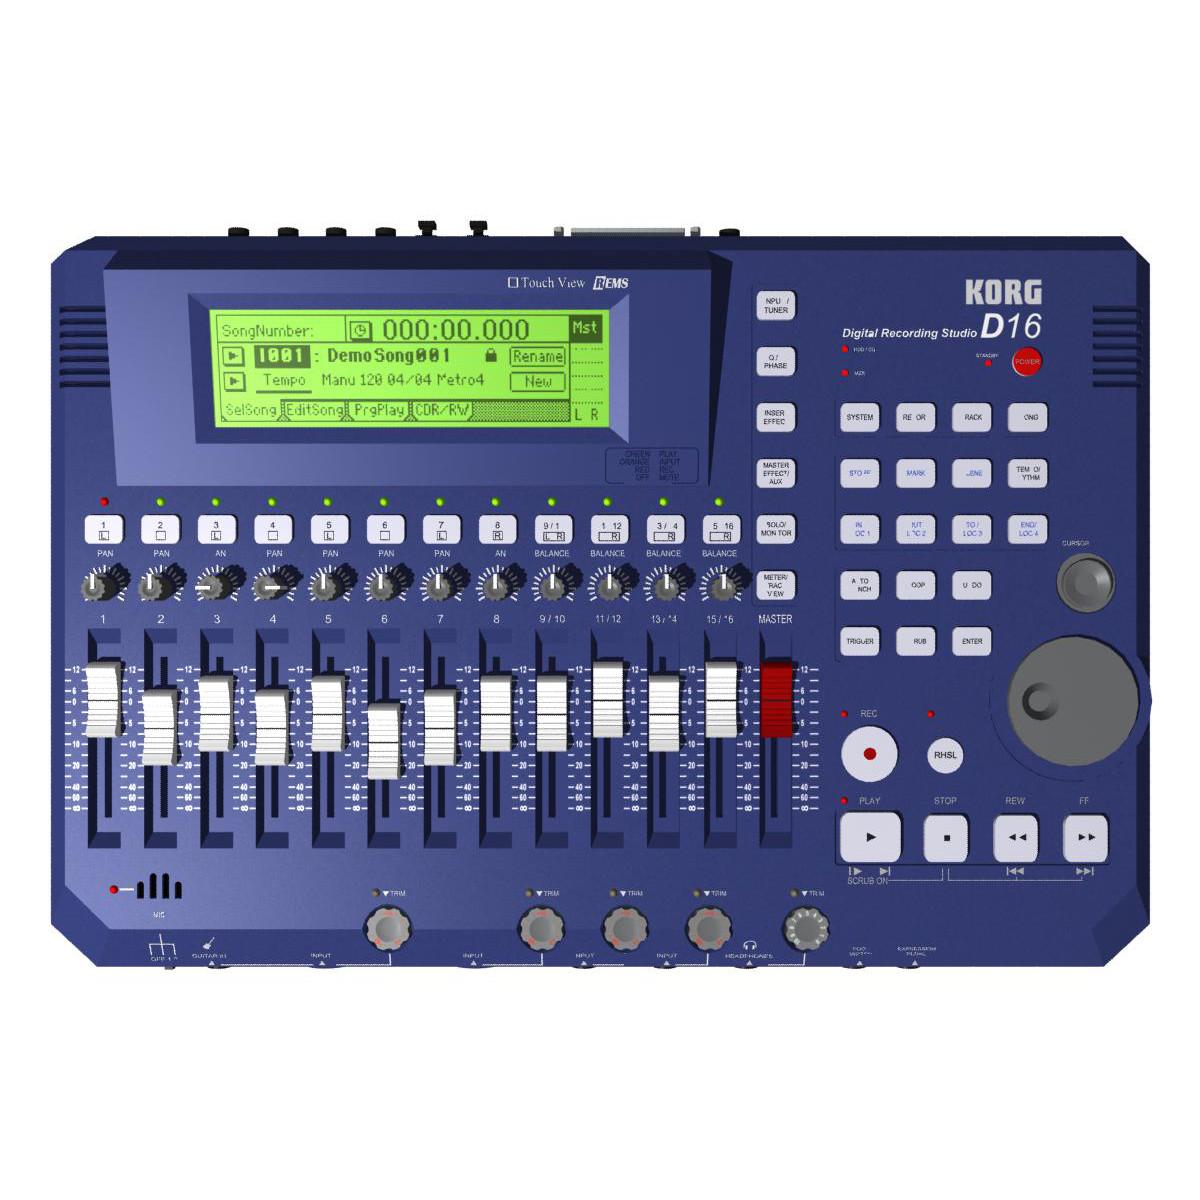 electronics-korg-d16-003.jpg